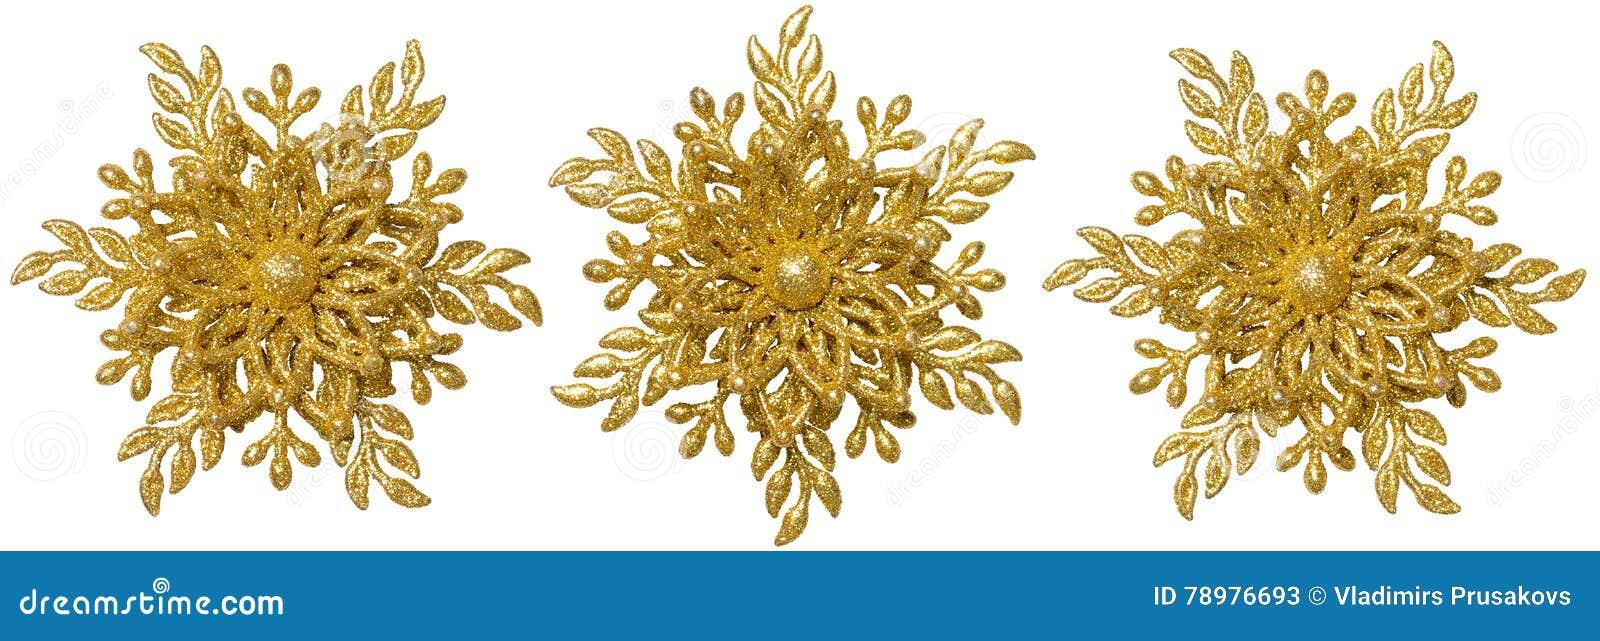 Płatek śniegu dekoraci Bożenarodzeniowy ornament, Xmas Złocisty Śnieżny płatek